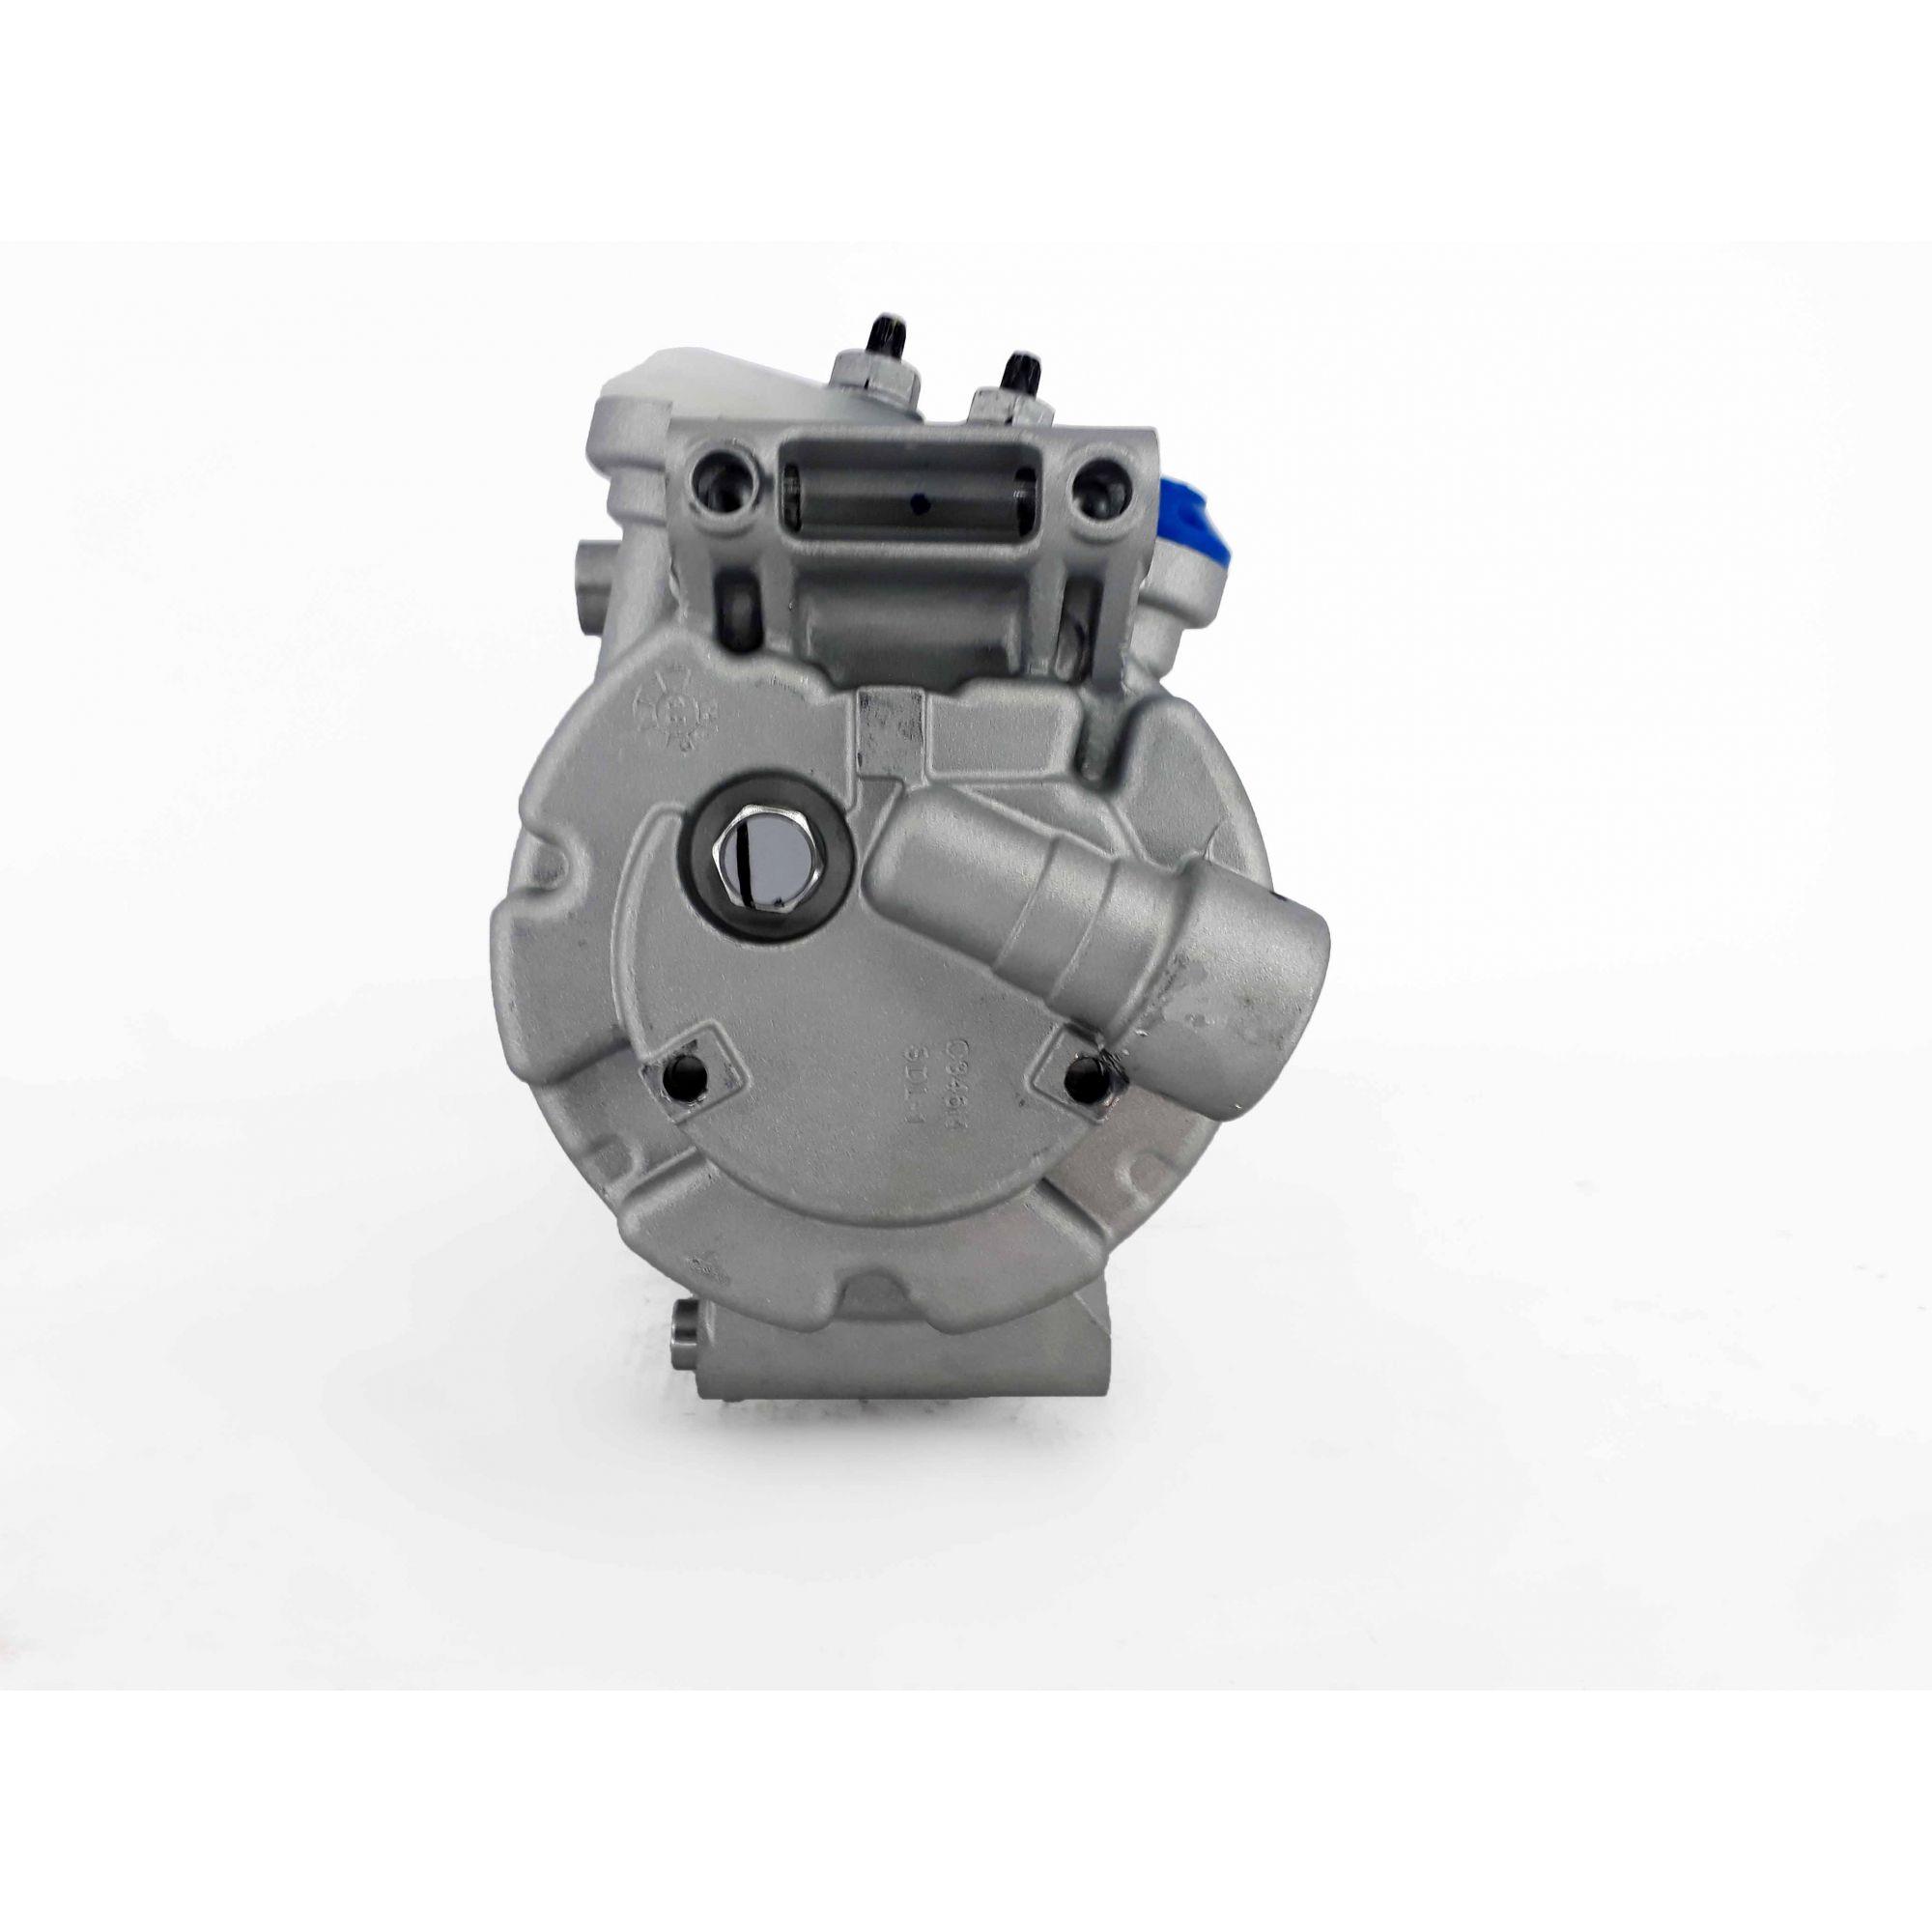 Compressor Ford Focus 2.0 Orginal Ford 2014/2015